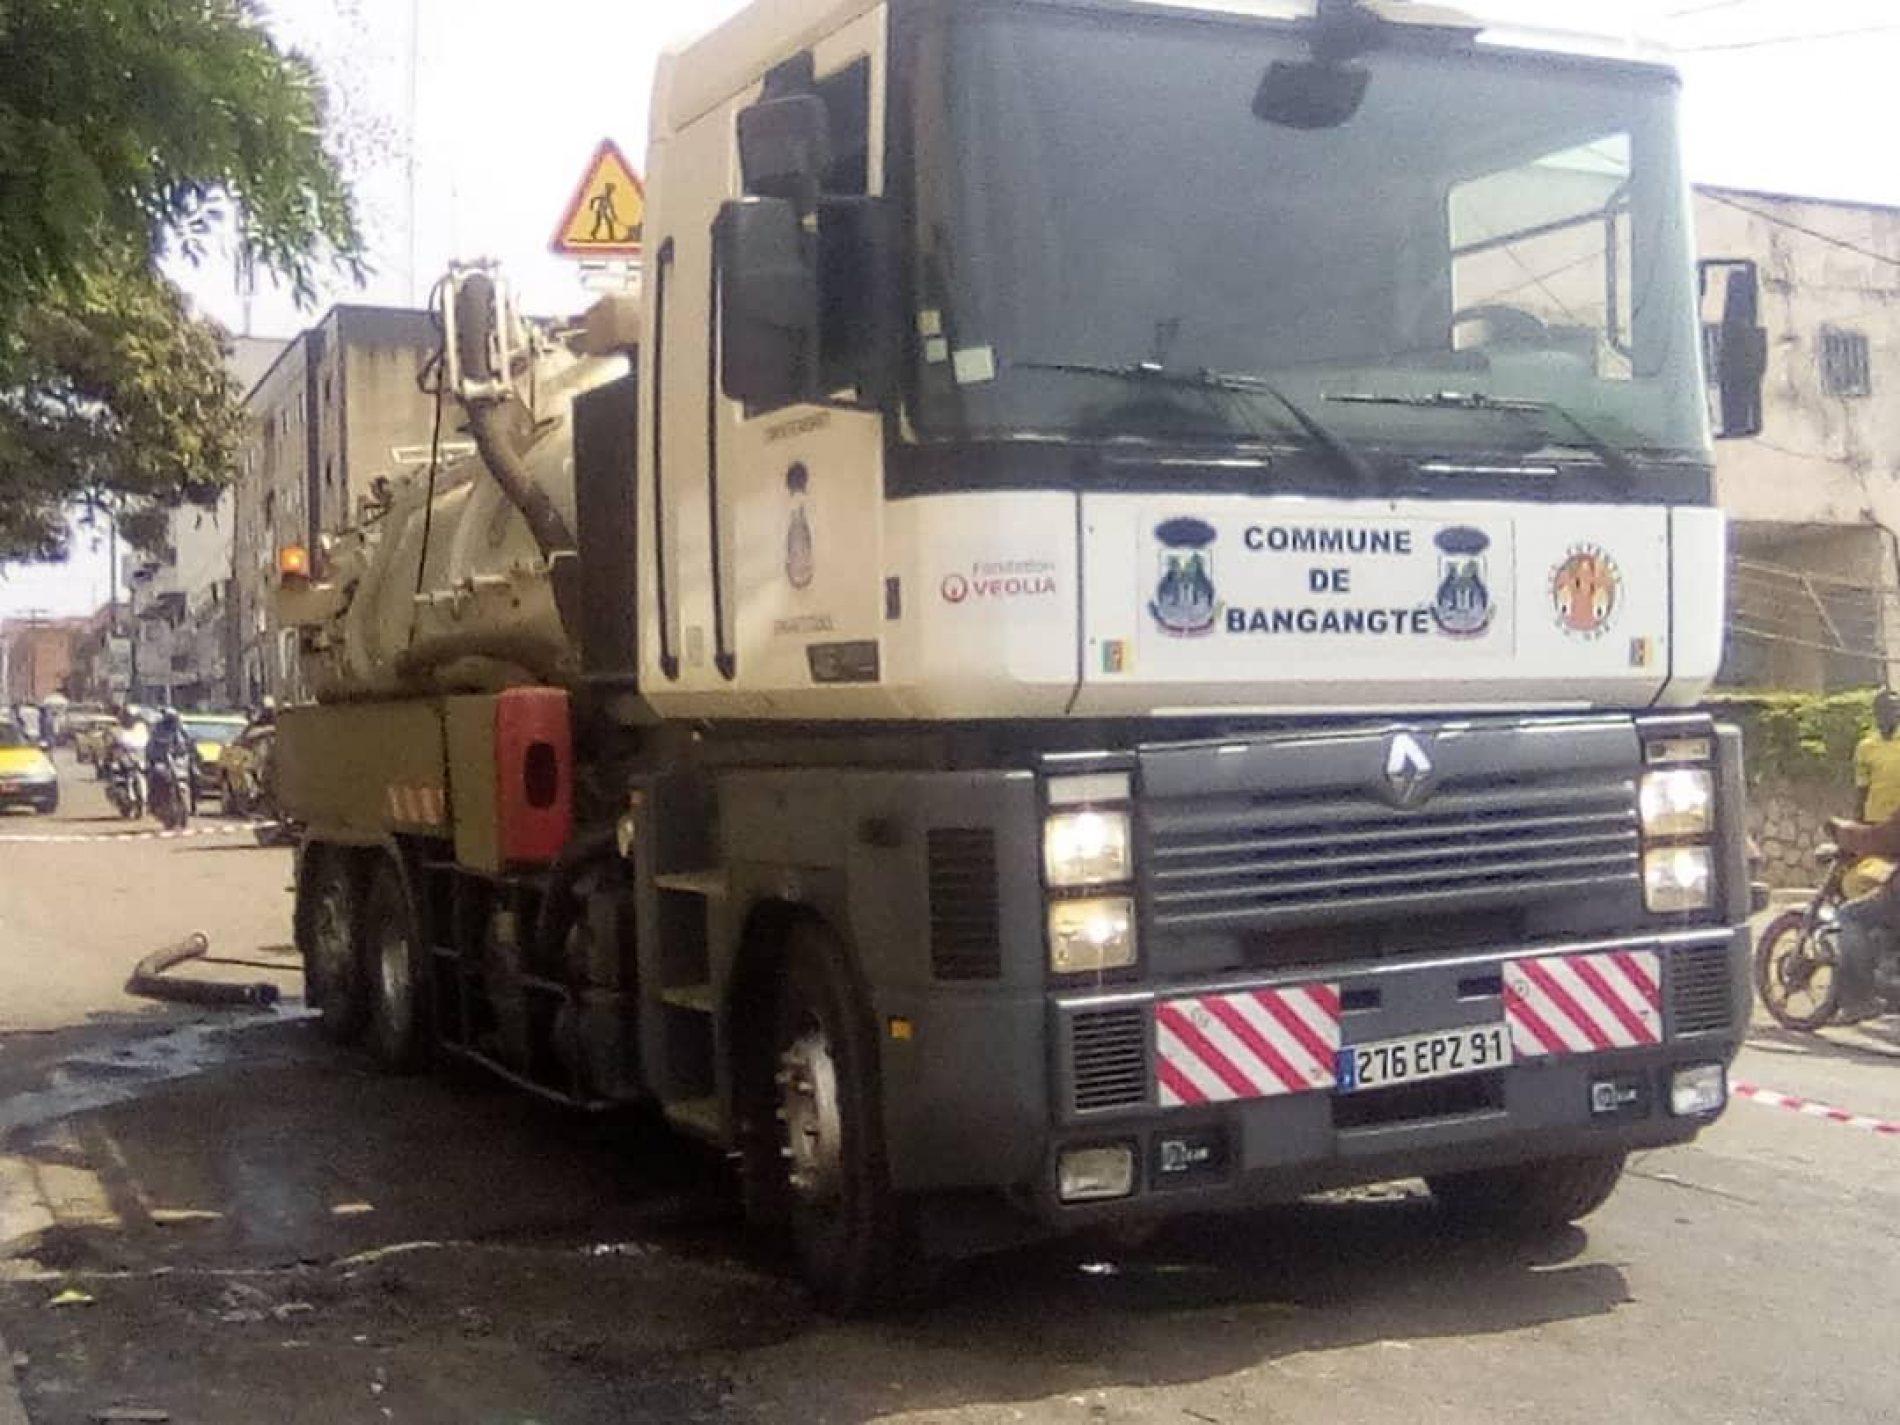 Assainissement: La commune de Bangangté vient en appui à Yaoundé 6ème